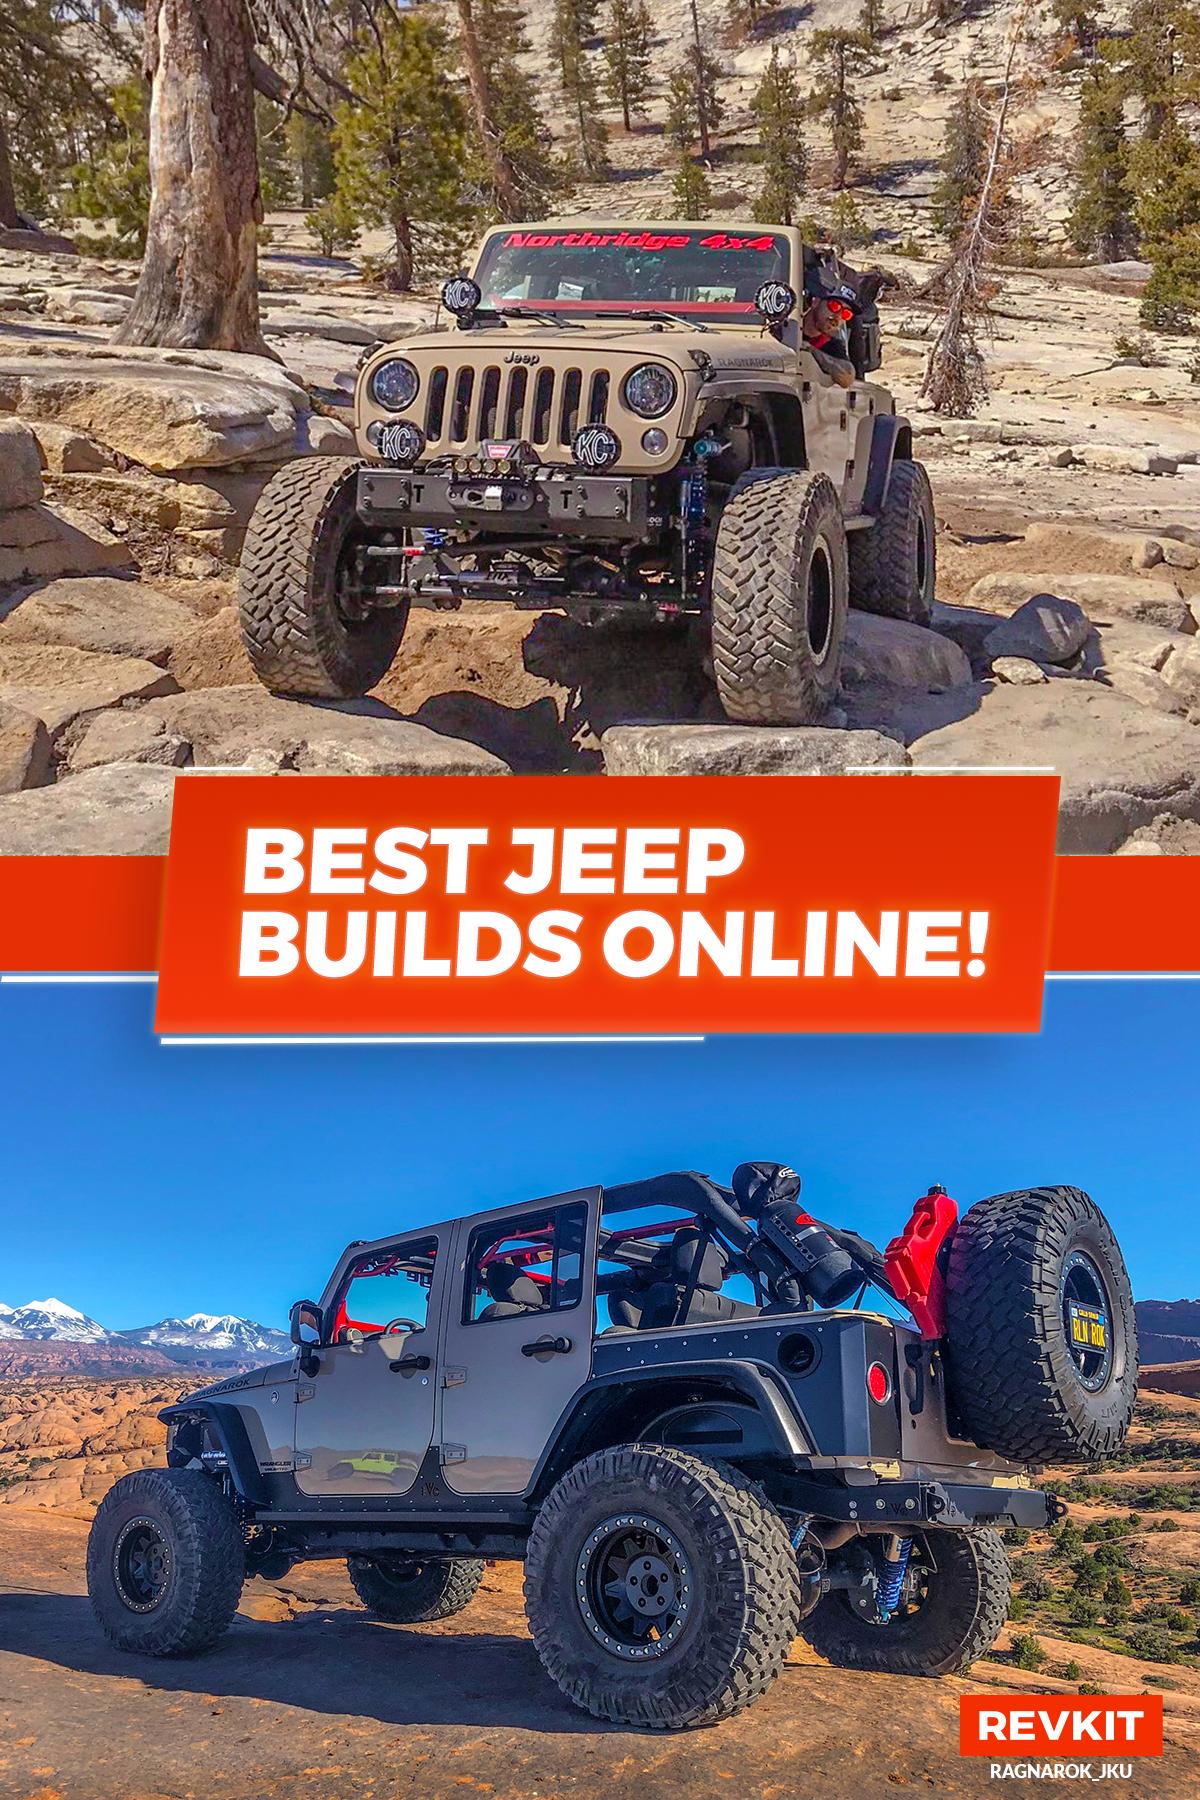 Amazing 2016 Jeep Wrangler Build 🤯 2016 jeep wrangler